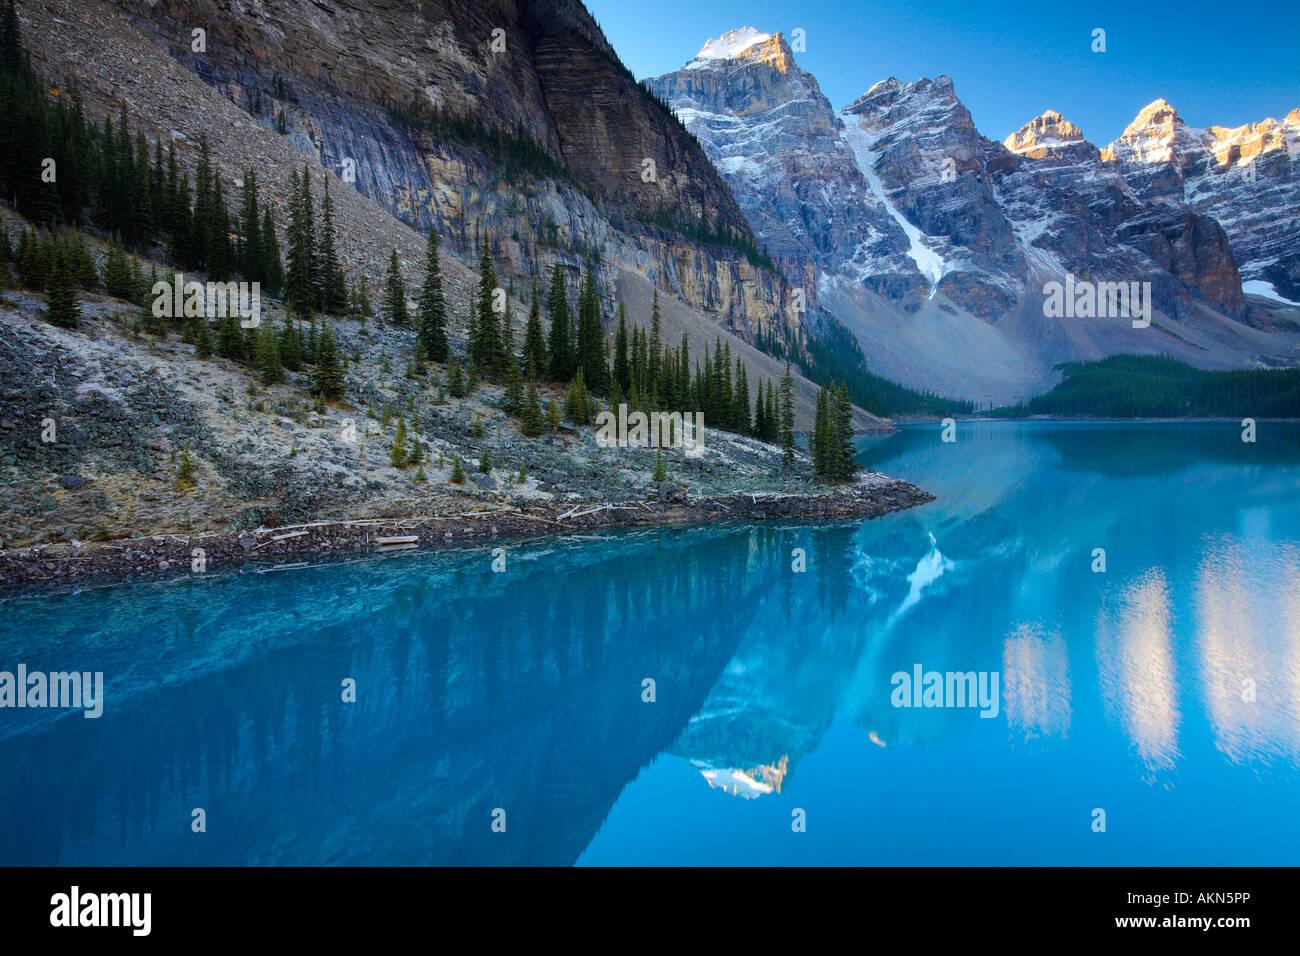 Spettacolari acque blu al Lago Moraine nel parco nazionale di Banff, Canada Immagini Stock